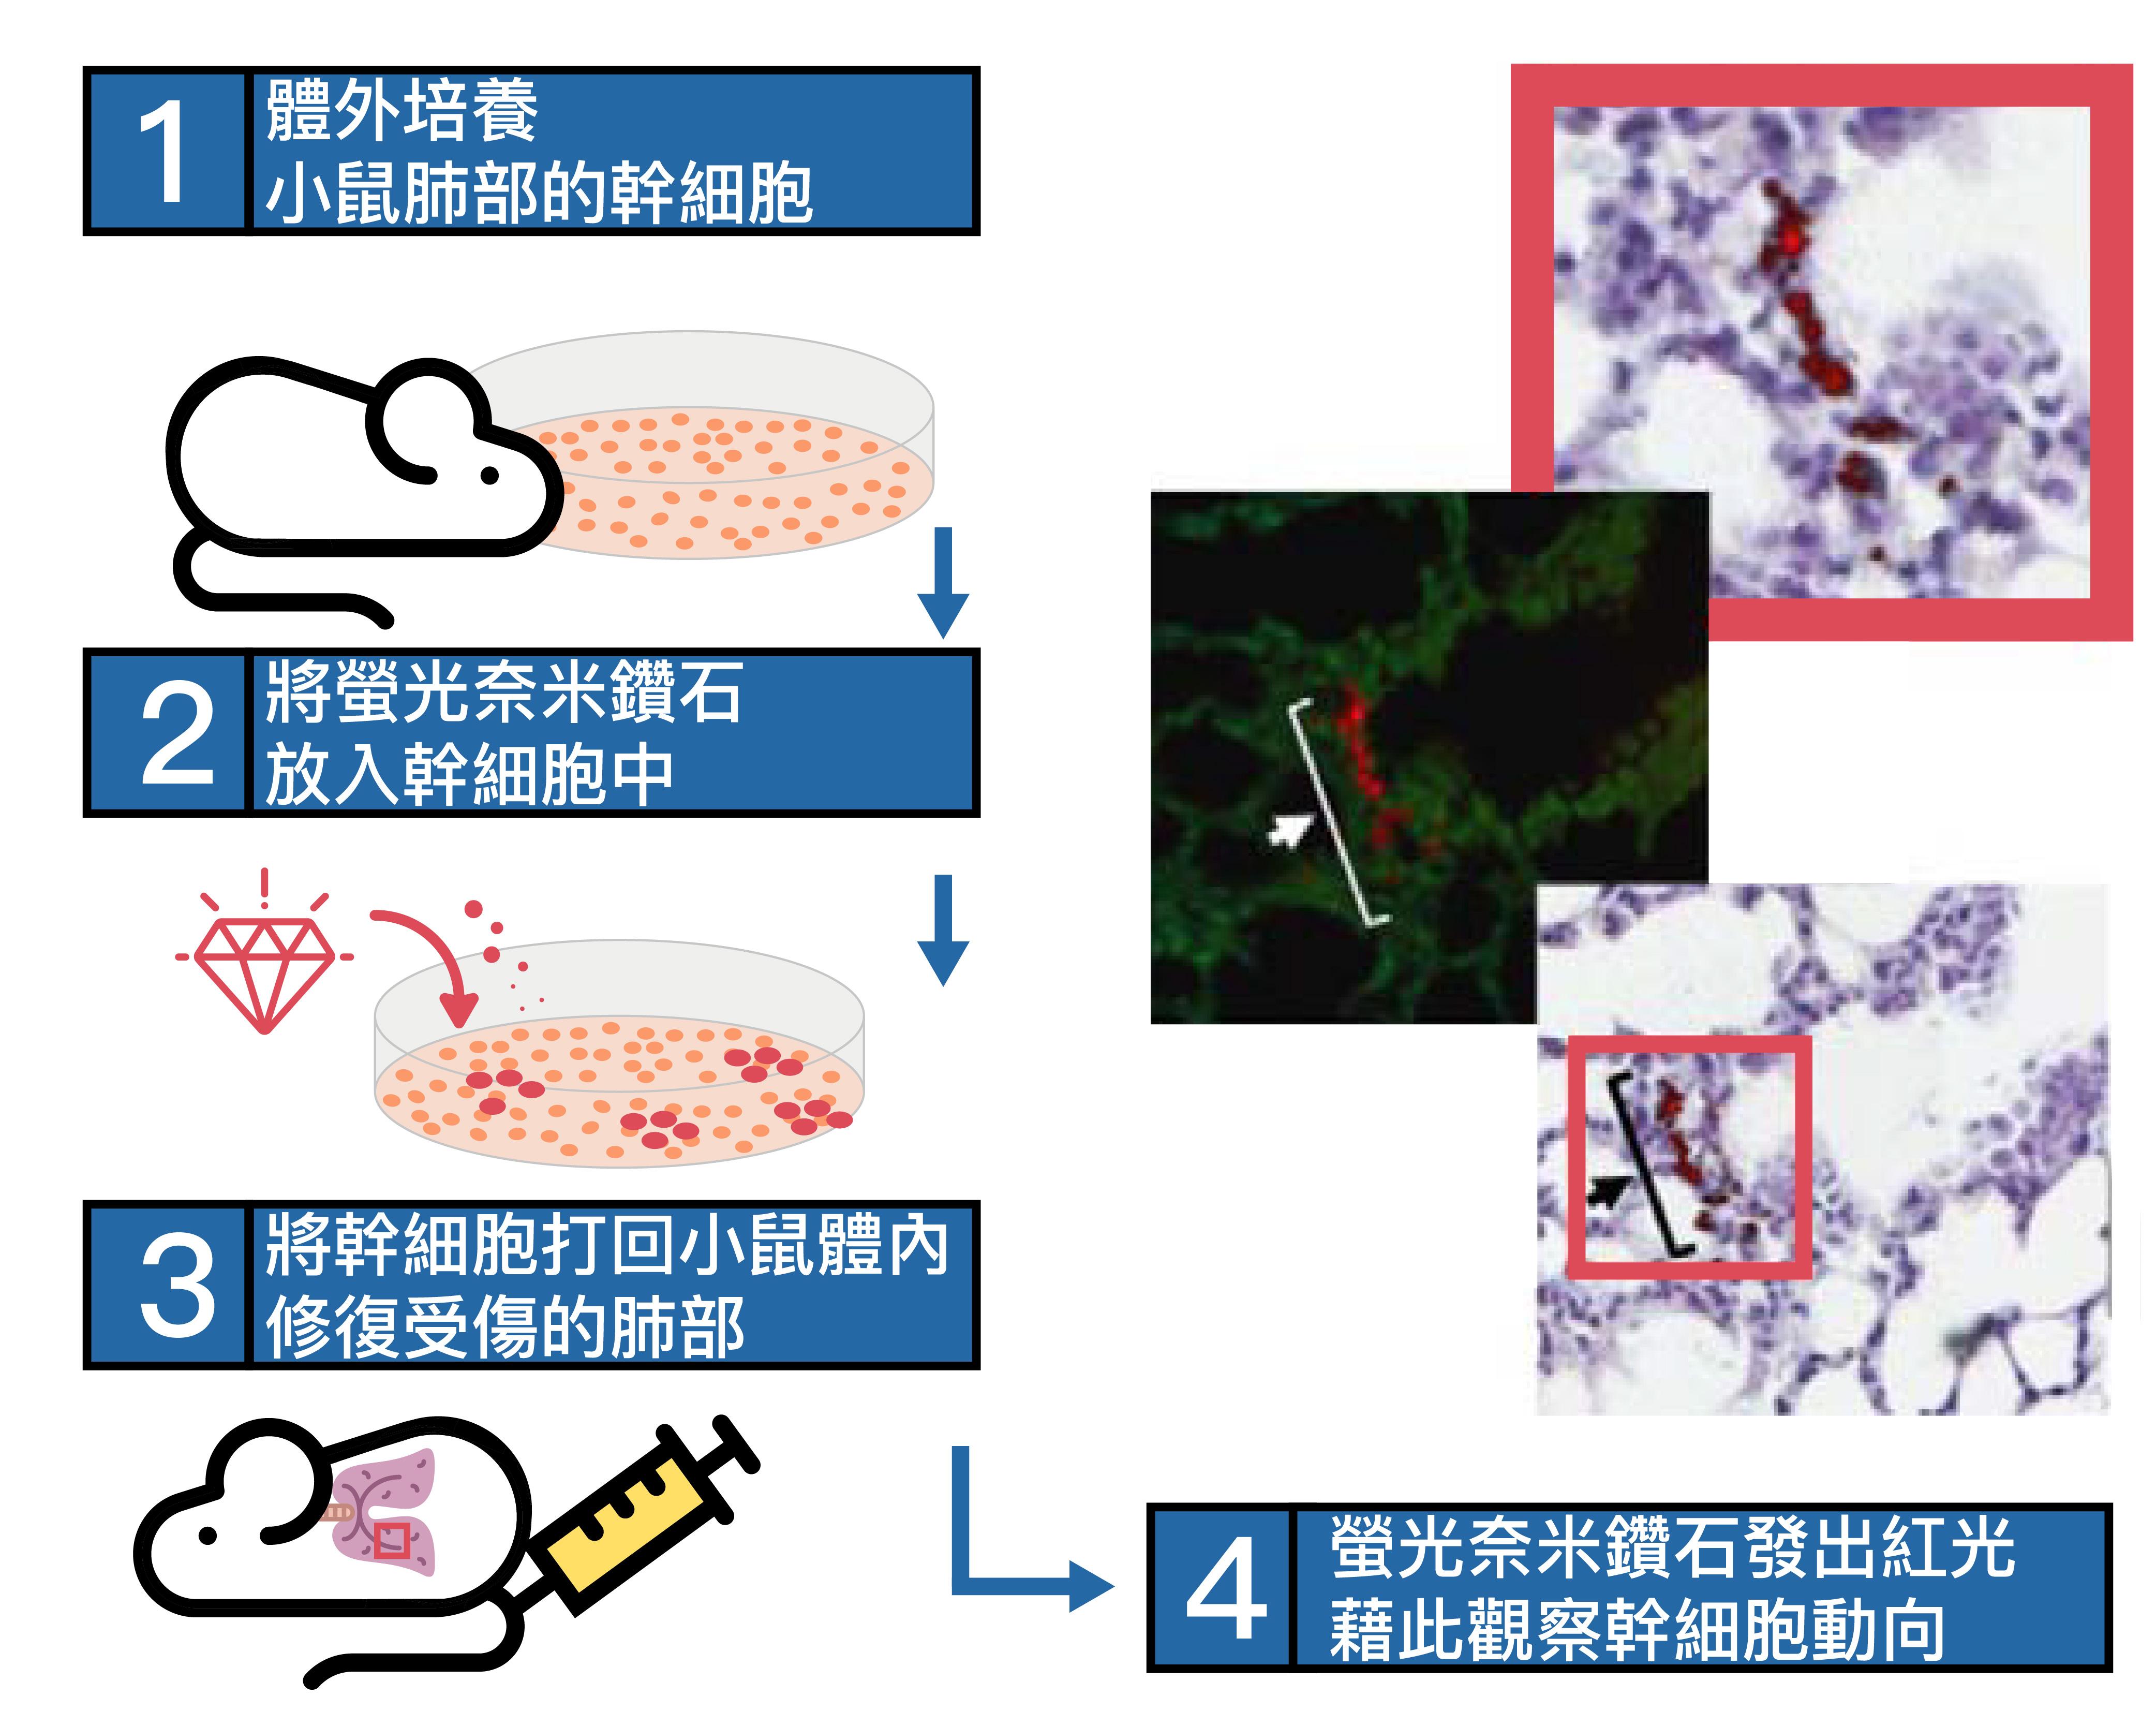 利用螢光奈米鑽石追蹤幹細胞。圖│研之有物(資料來源│〈螢光奈米鑽石〉,作者:張煥正)